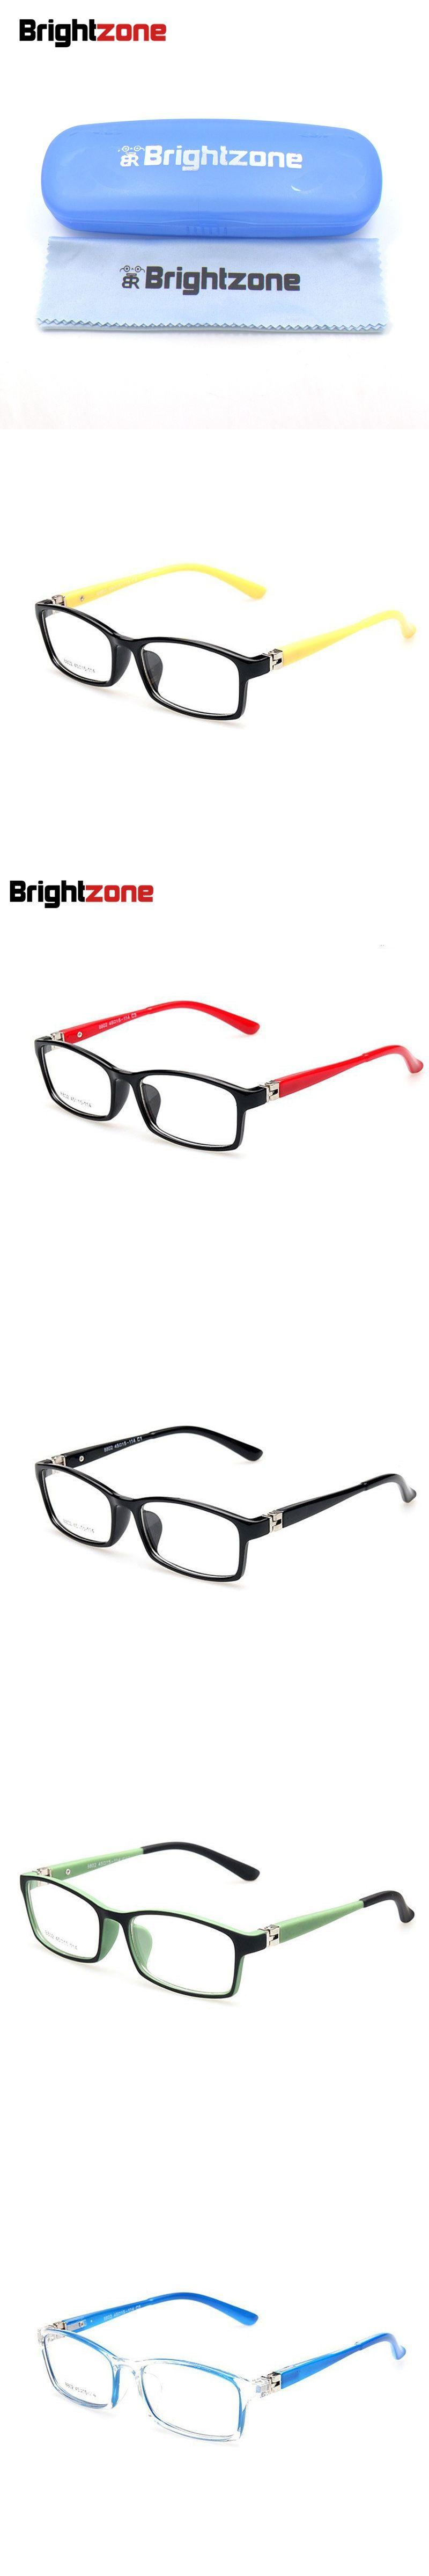 Fashion children eyeglasses warm color kids cool glasses frames ...